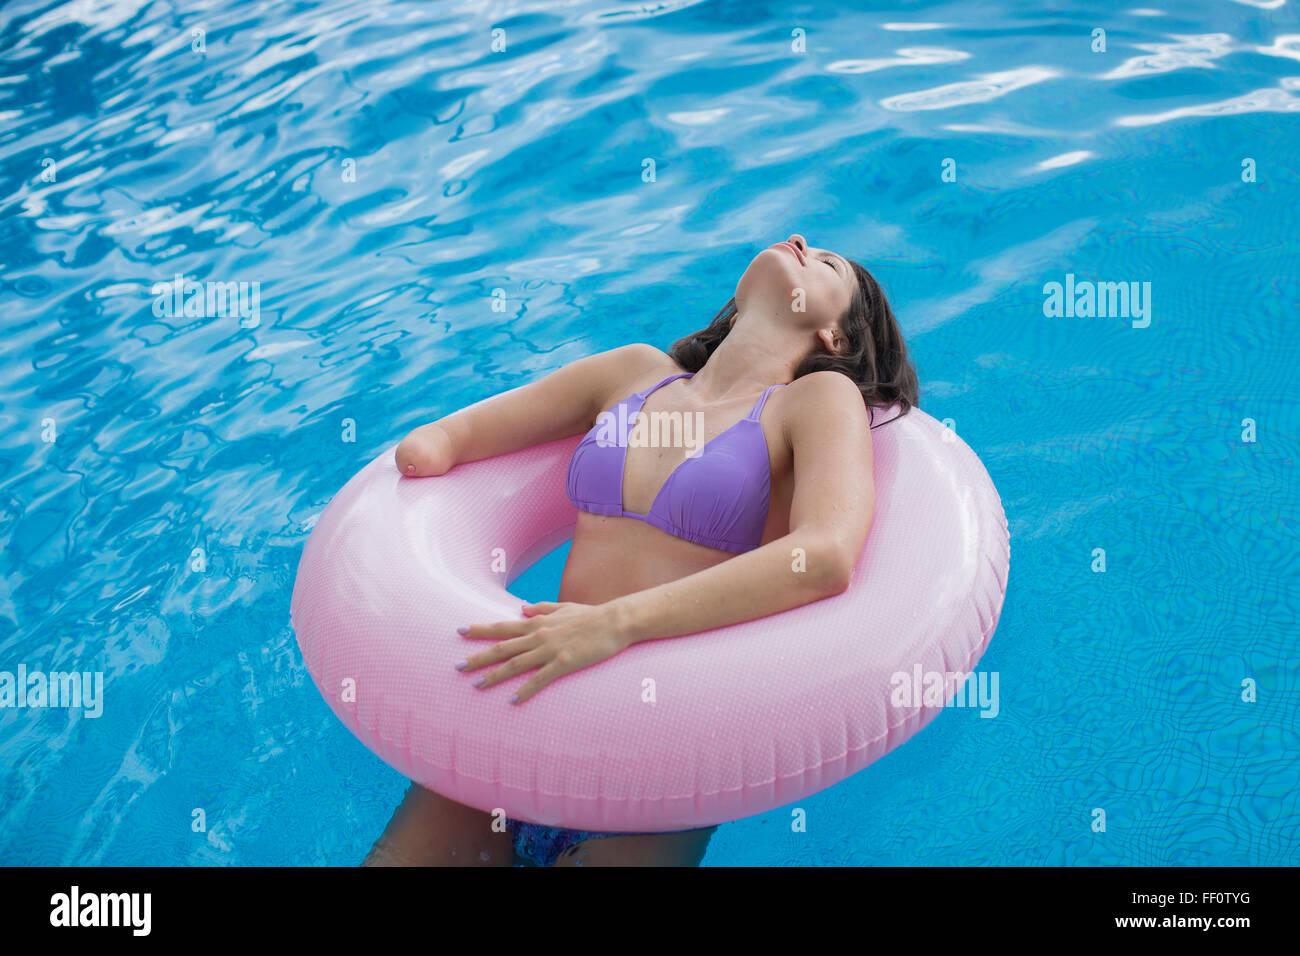 Mujer de raza mixta amputados nadar en piscina Foto de stock